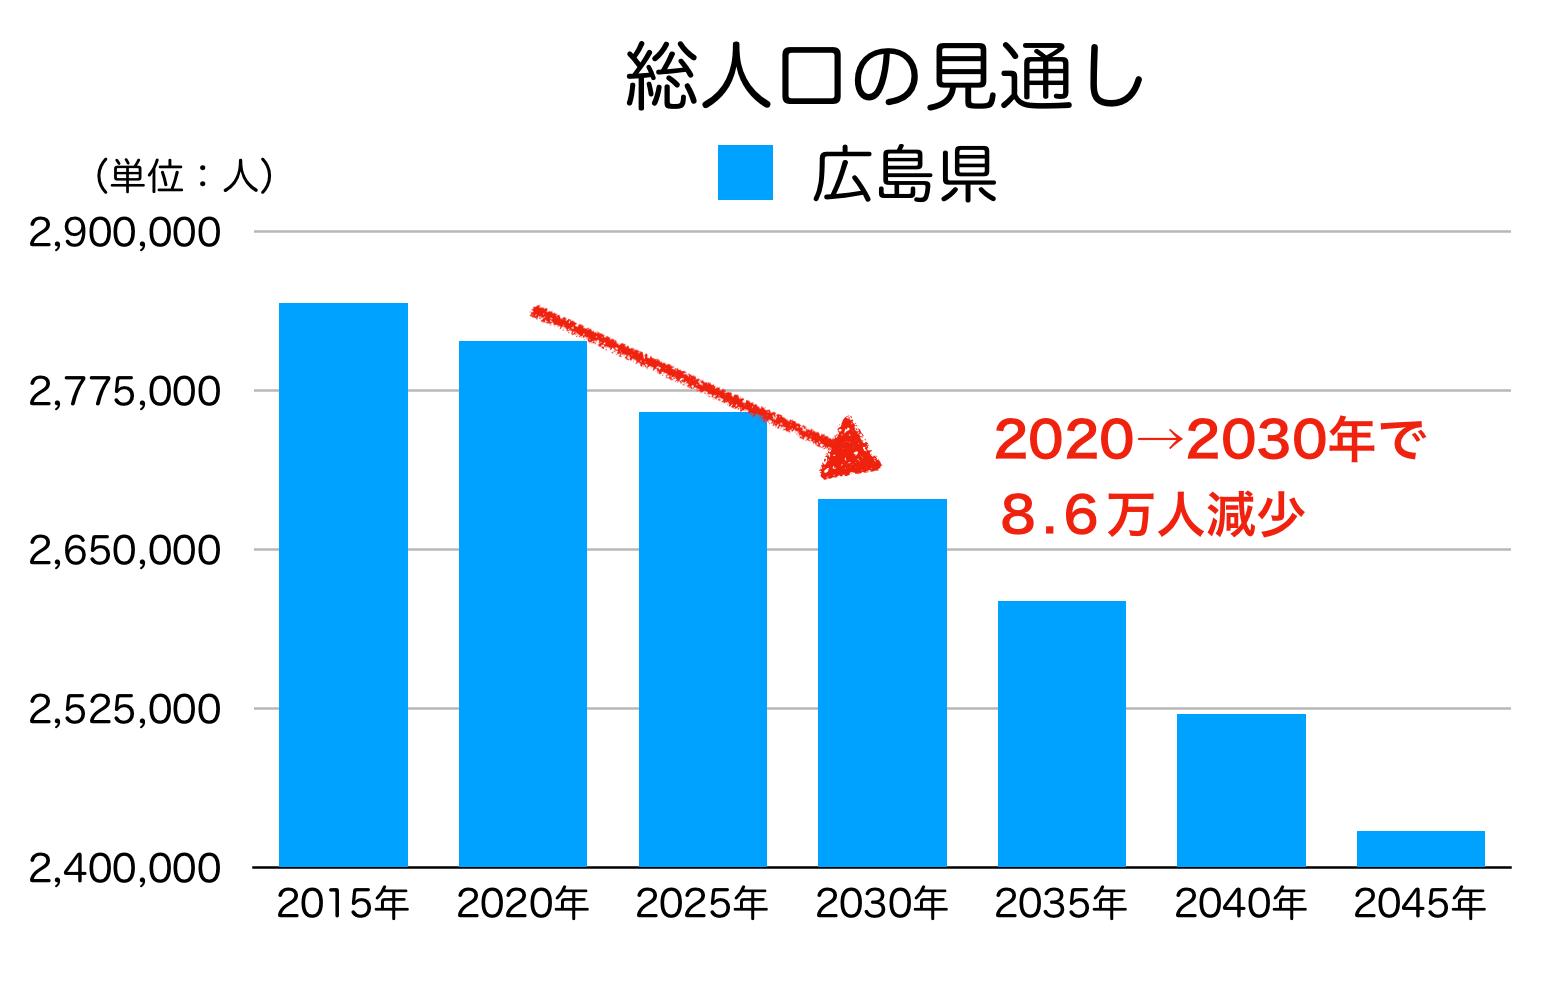 広島県の総人口の見通し